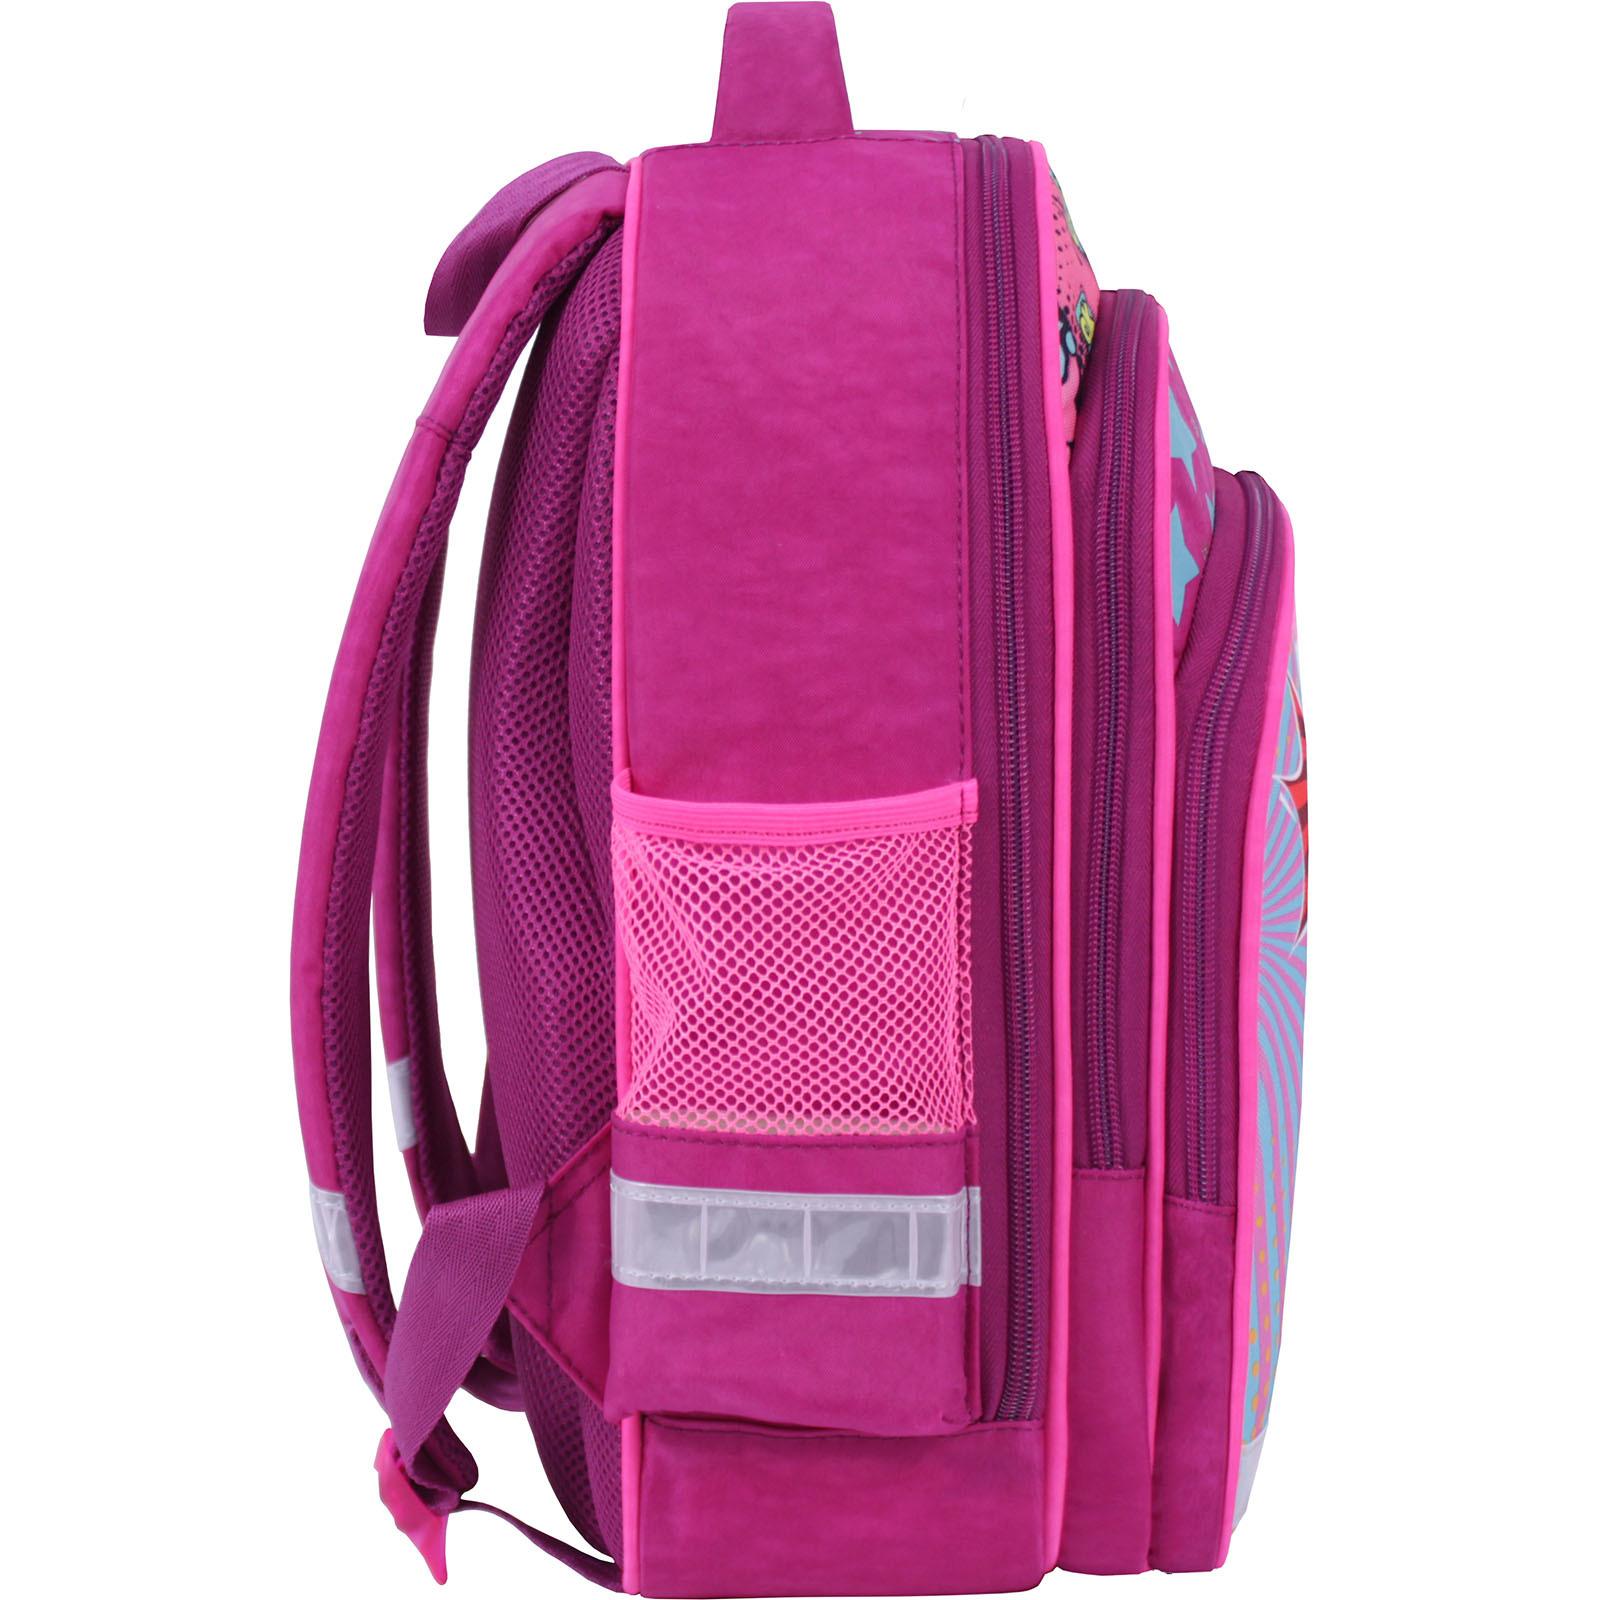 Рюкзак школьный Bagland Mouse 143 малиновый 510 (0051370) фото